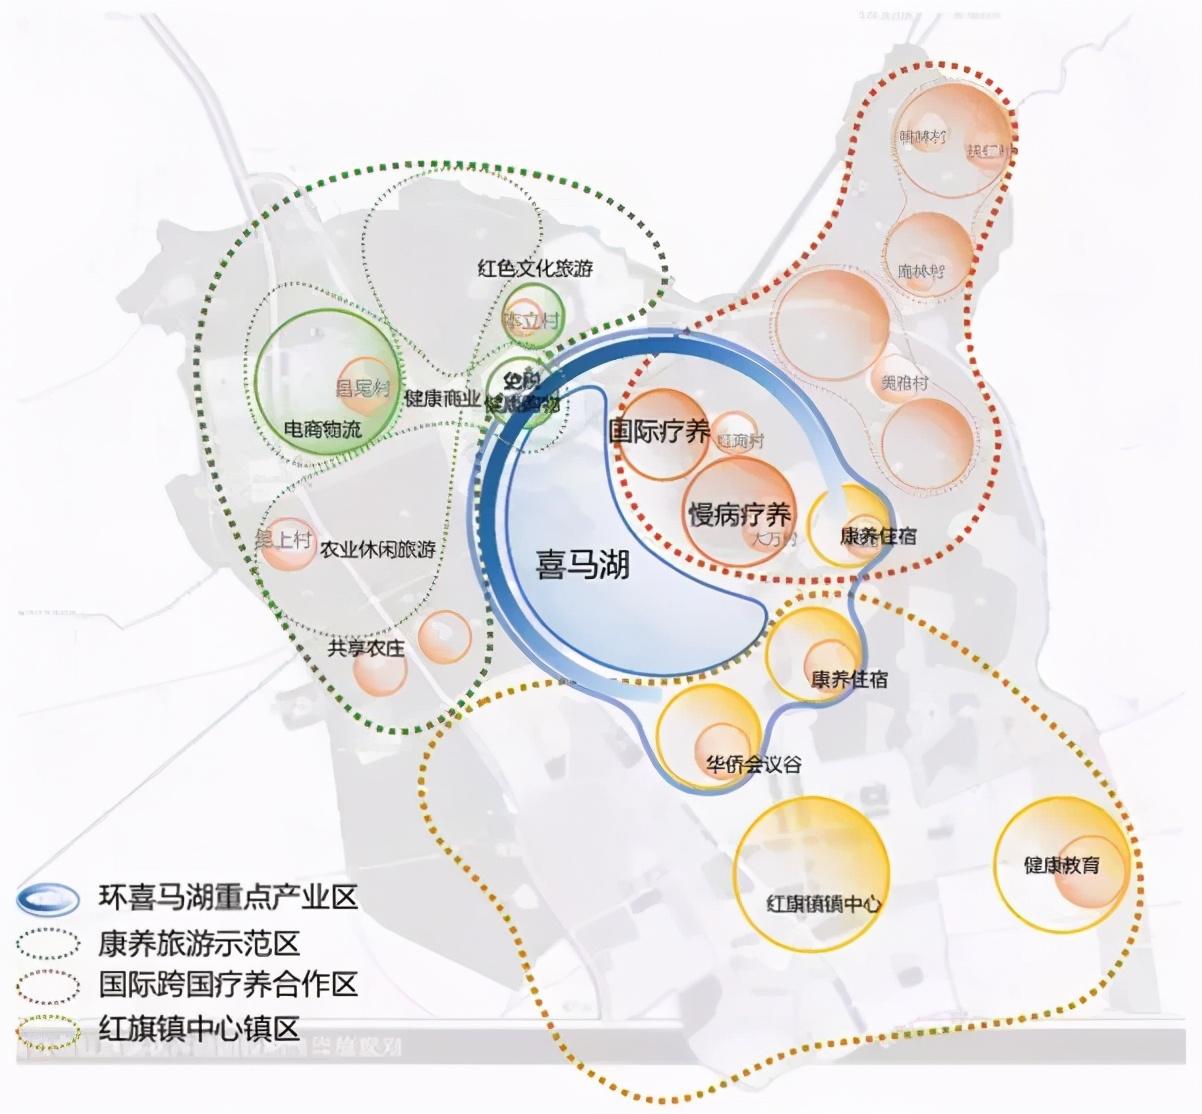 健康+产业地产的商机与5大开发模式